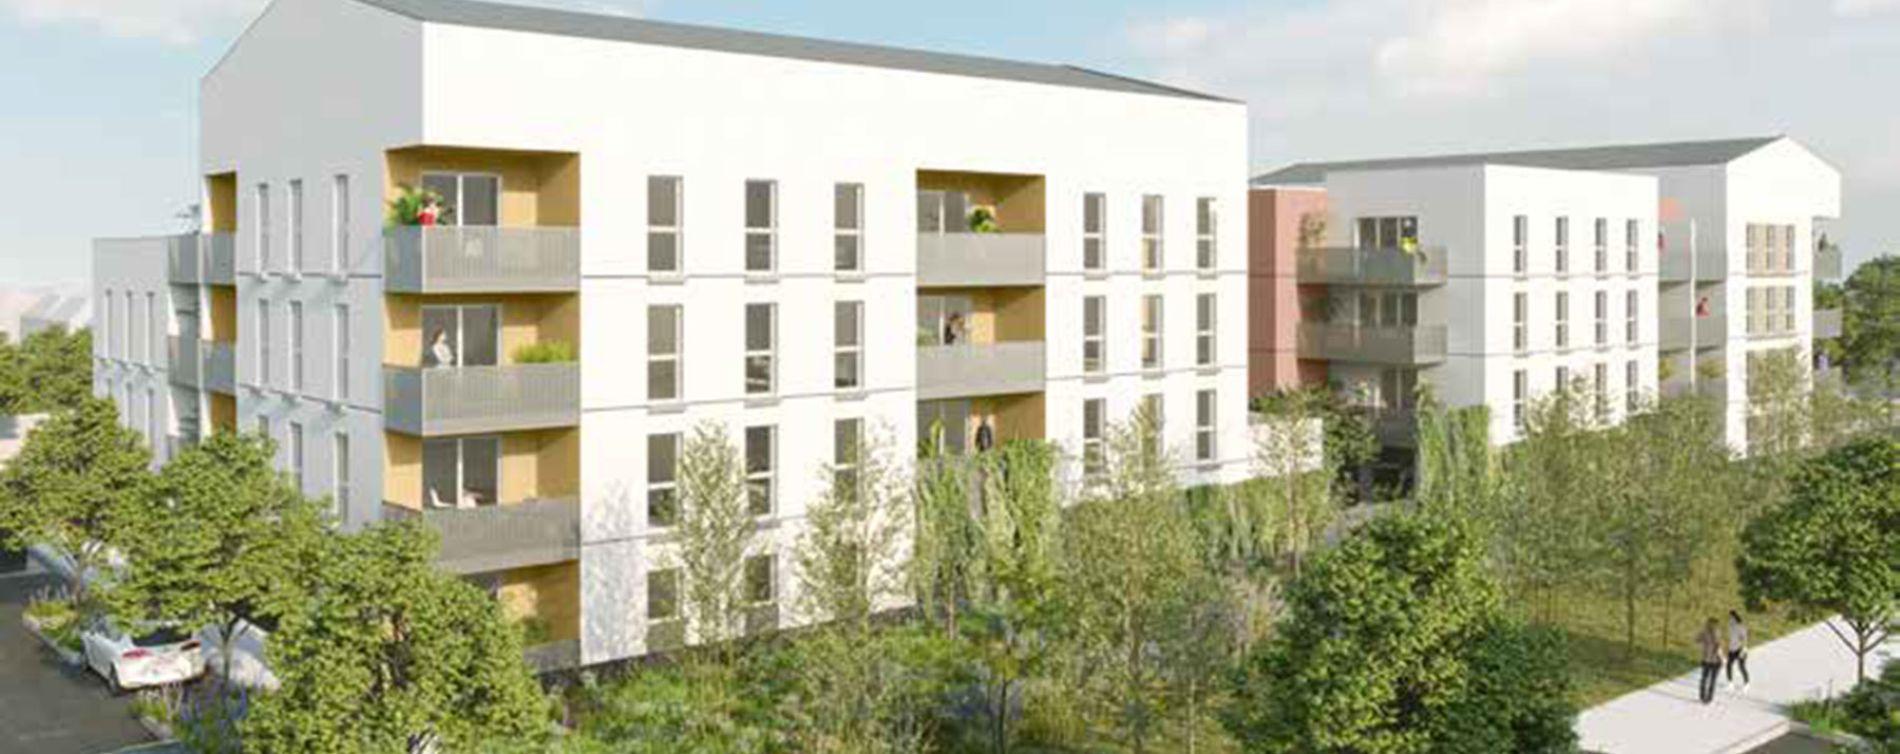 Les Ponts-de-Cé : programme immobilier neuve « Villa Piléa » (2)